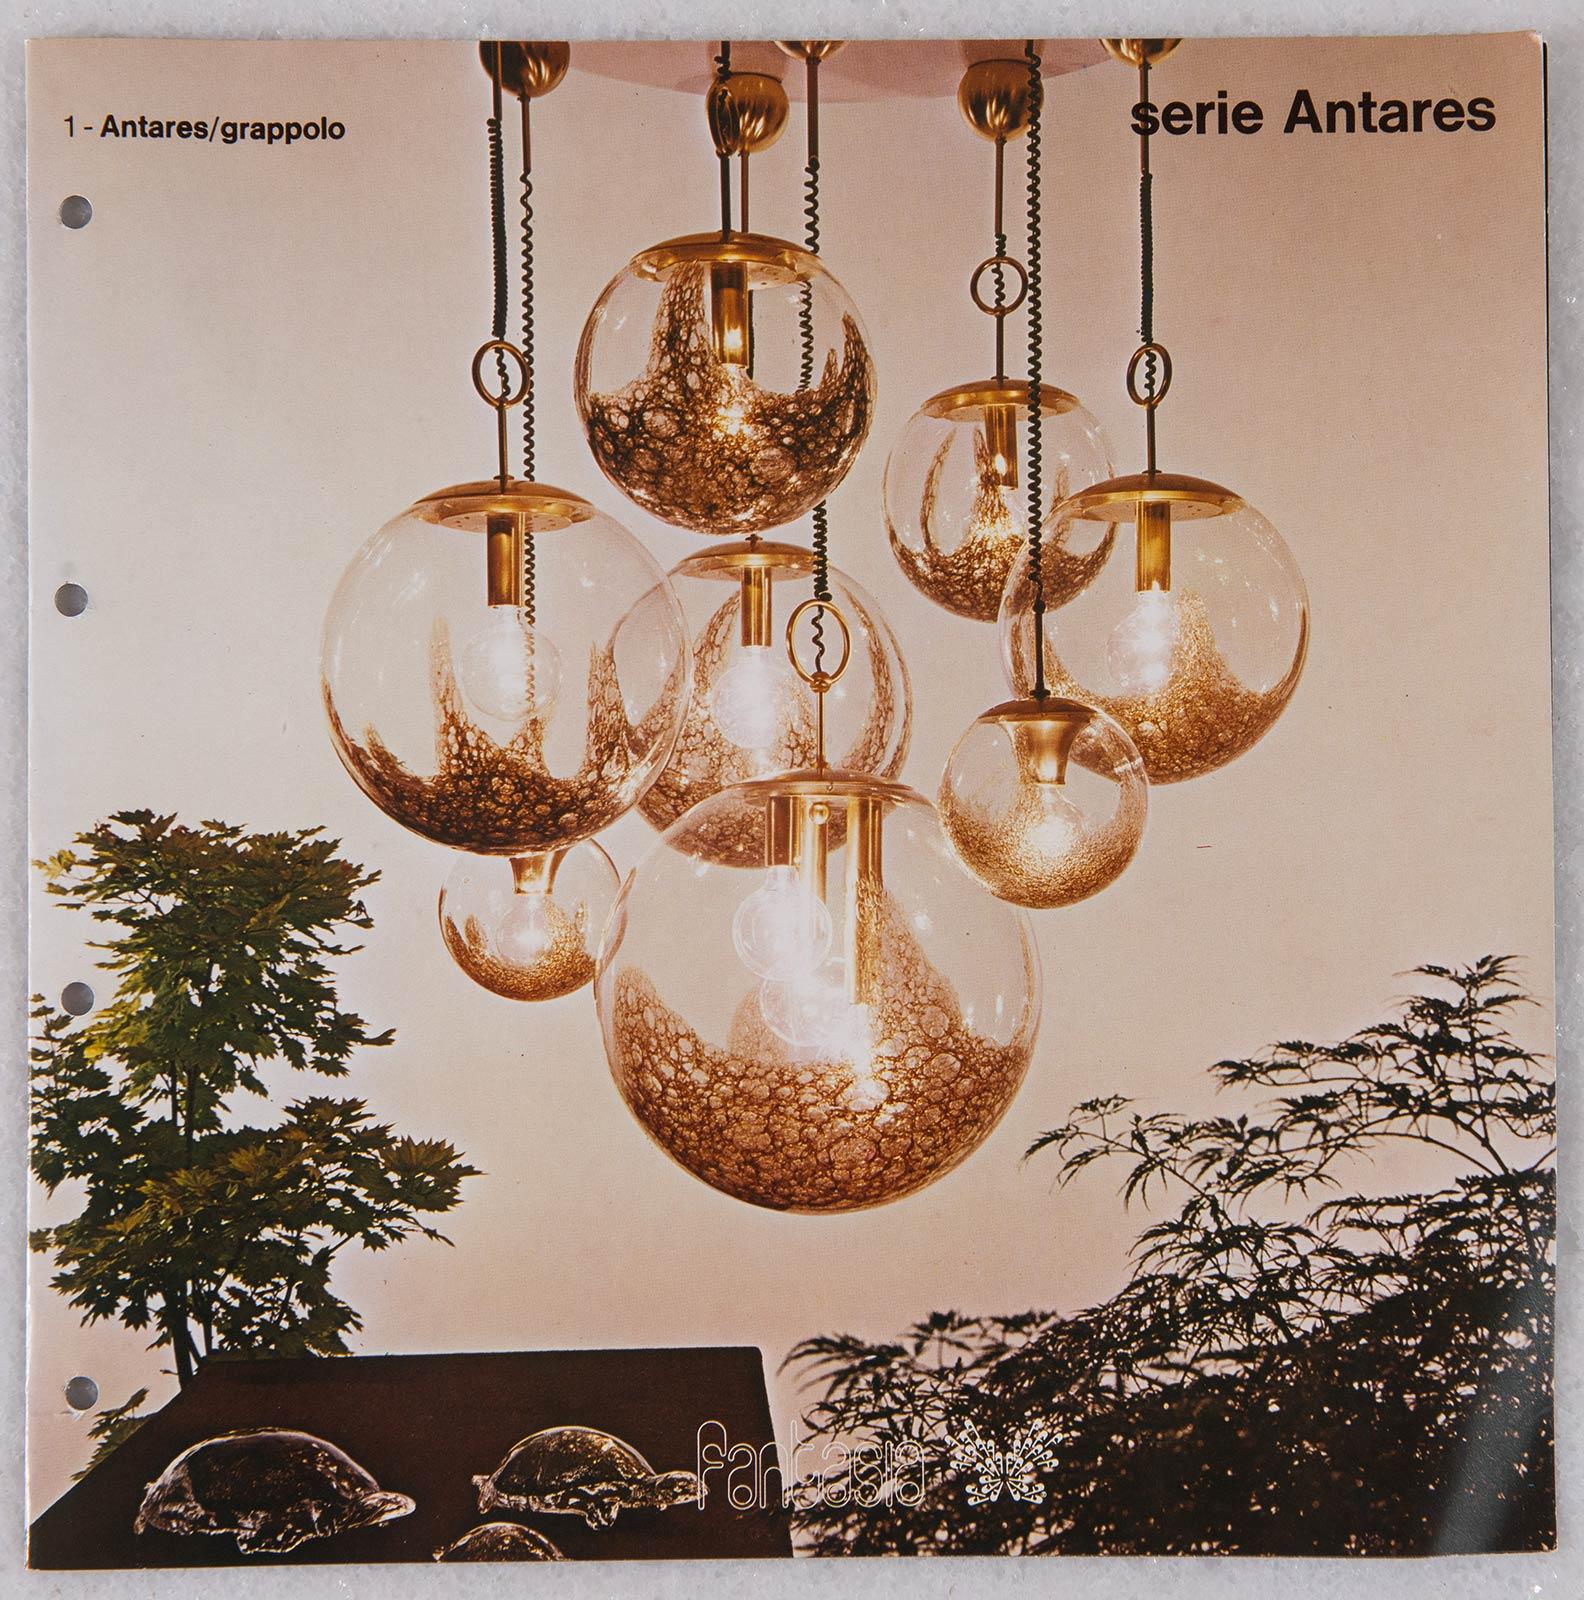 Antares, Sospensione, Anni '70. - Image 3 of 3